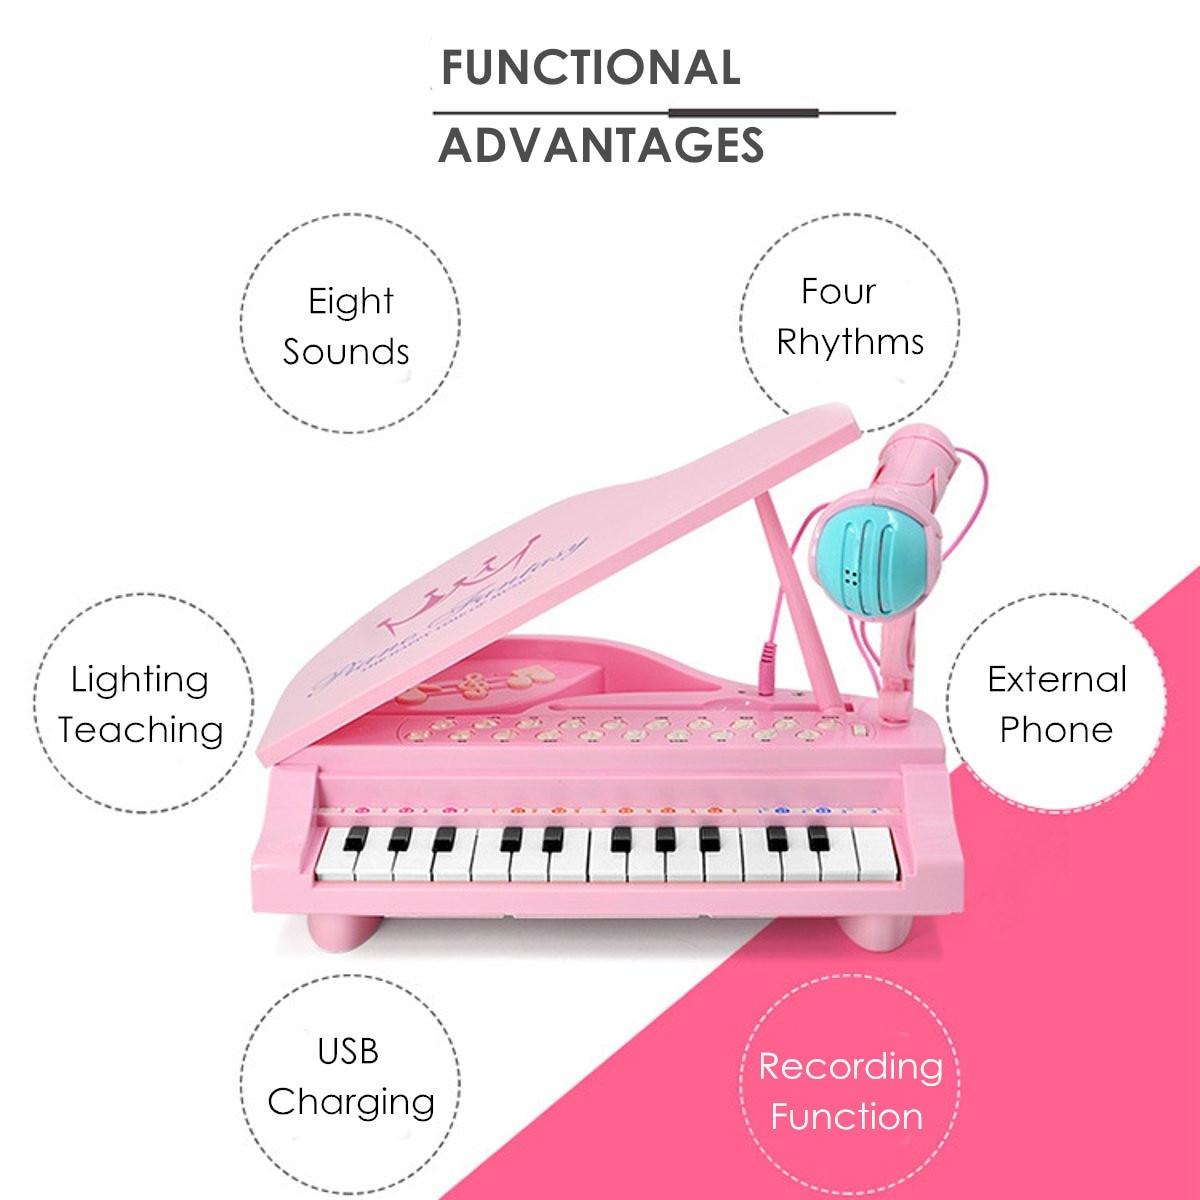 Électronique 25 touches clavier jouet orgue USB enfants Piano Microphone Instrument de musique jouant jouet ensemble rose/bleu enfants cadeaux - 3